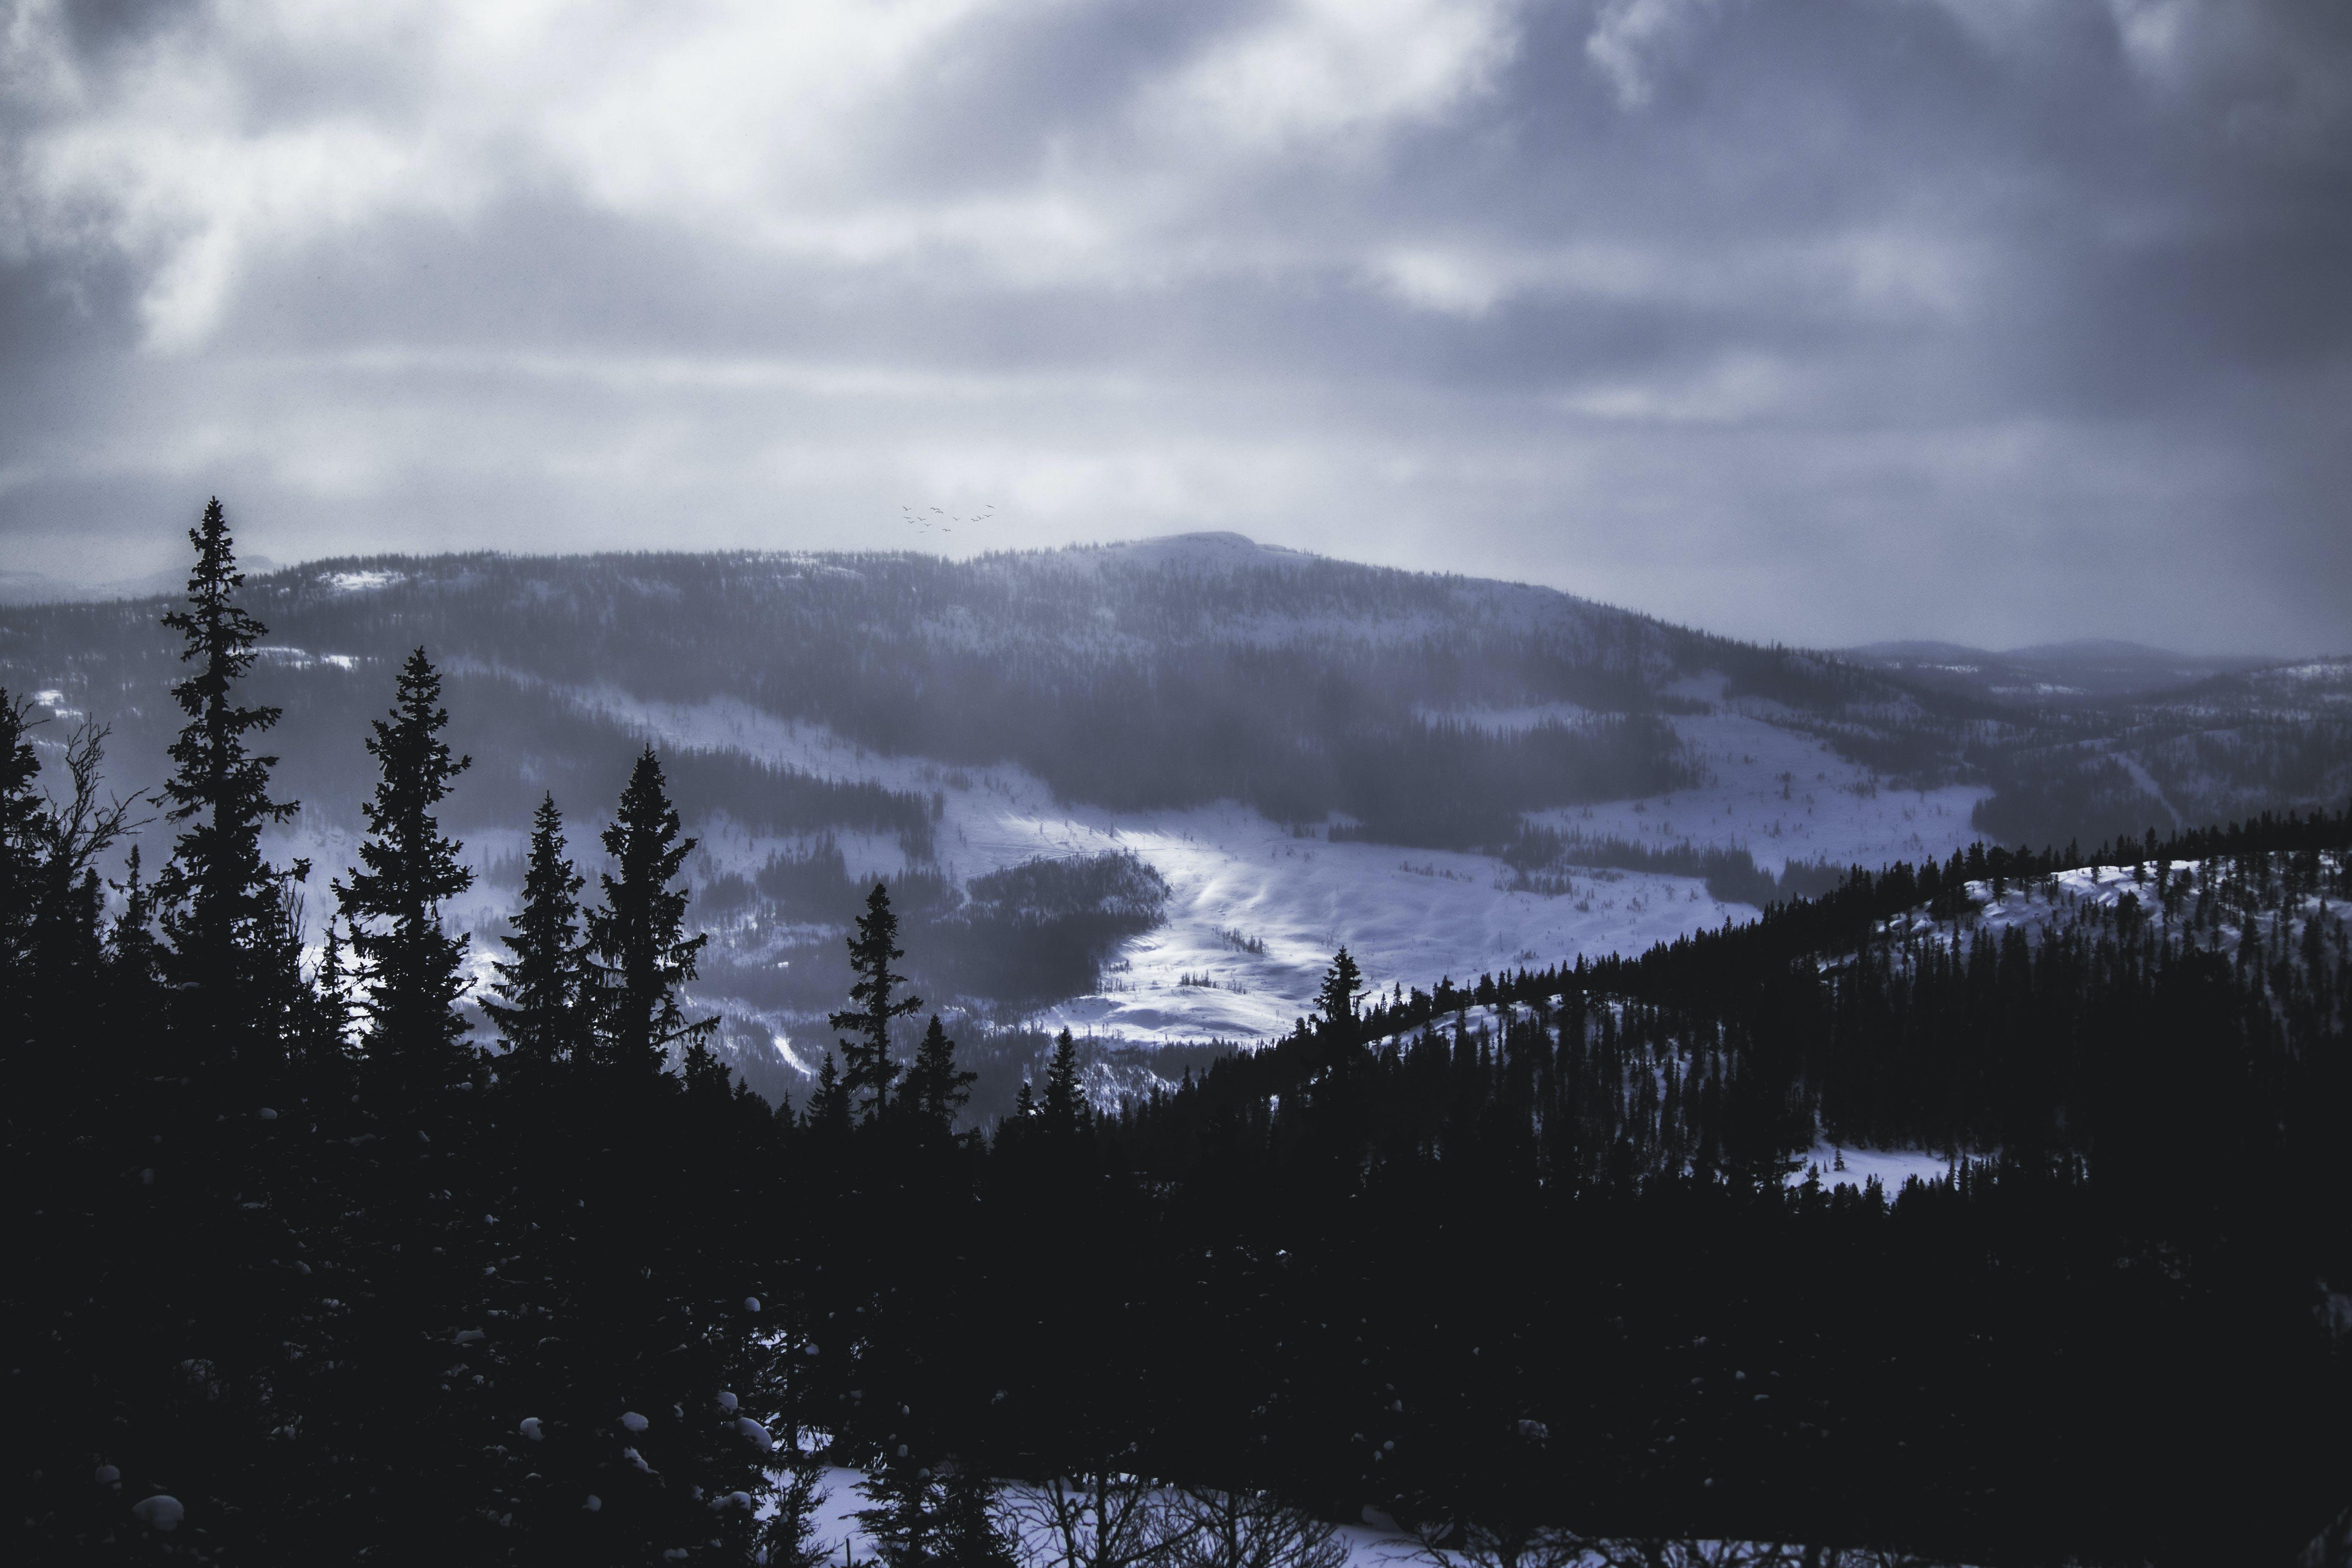 về ánh sáng ban ngày, băng, băng giá, bầu trời